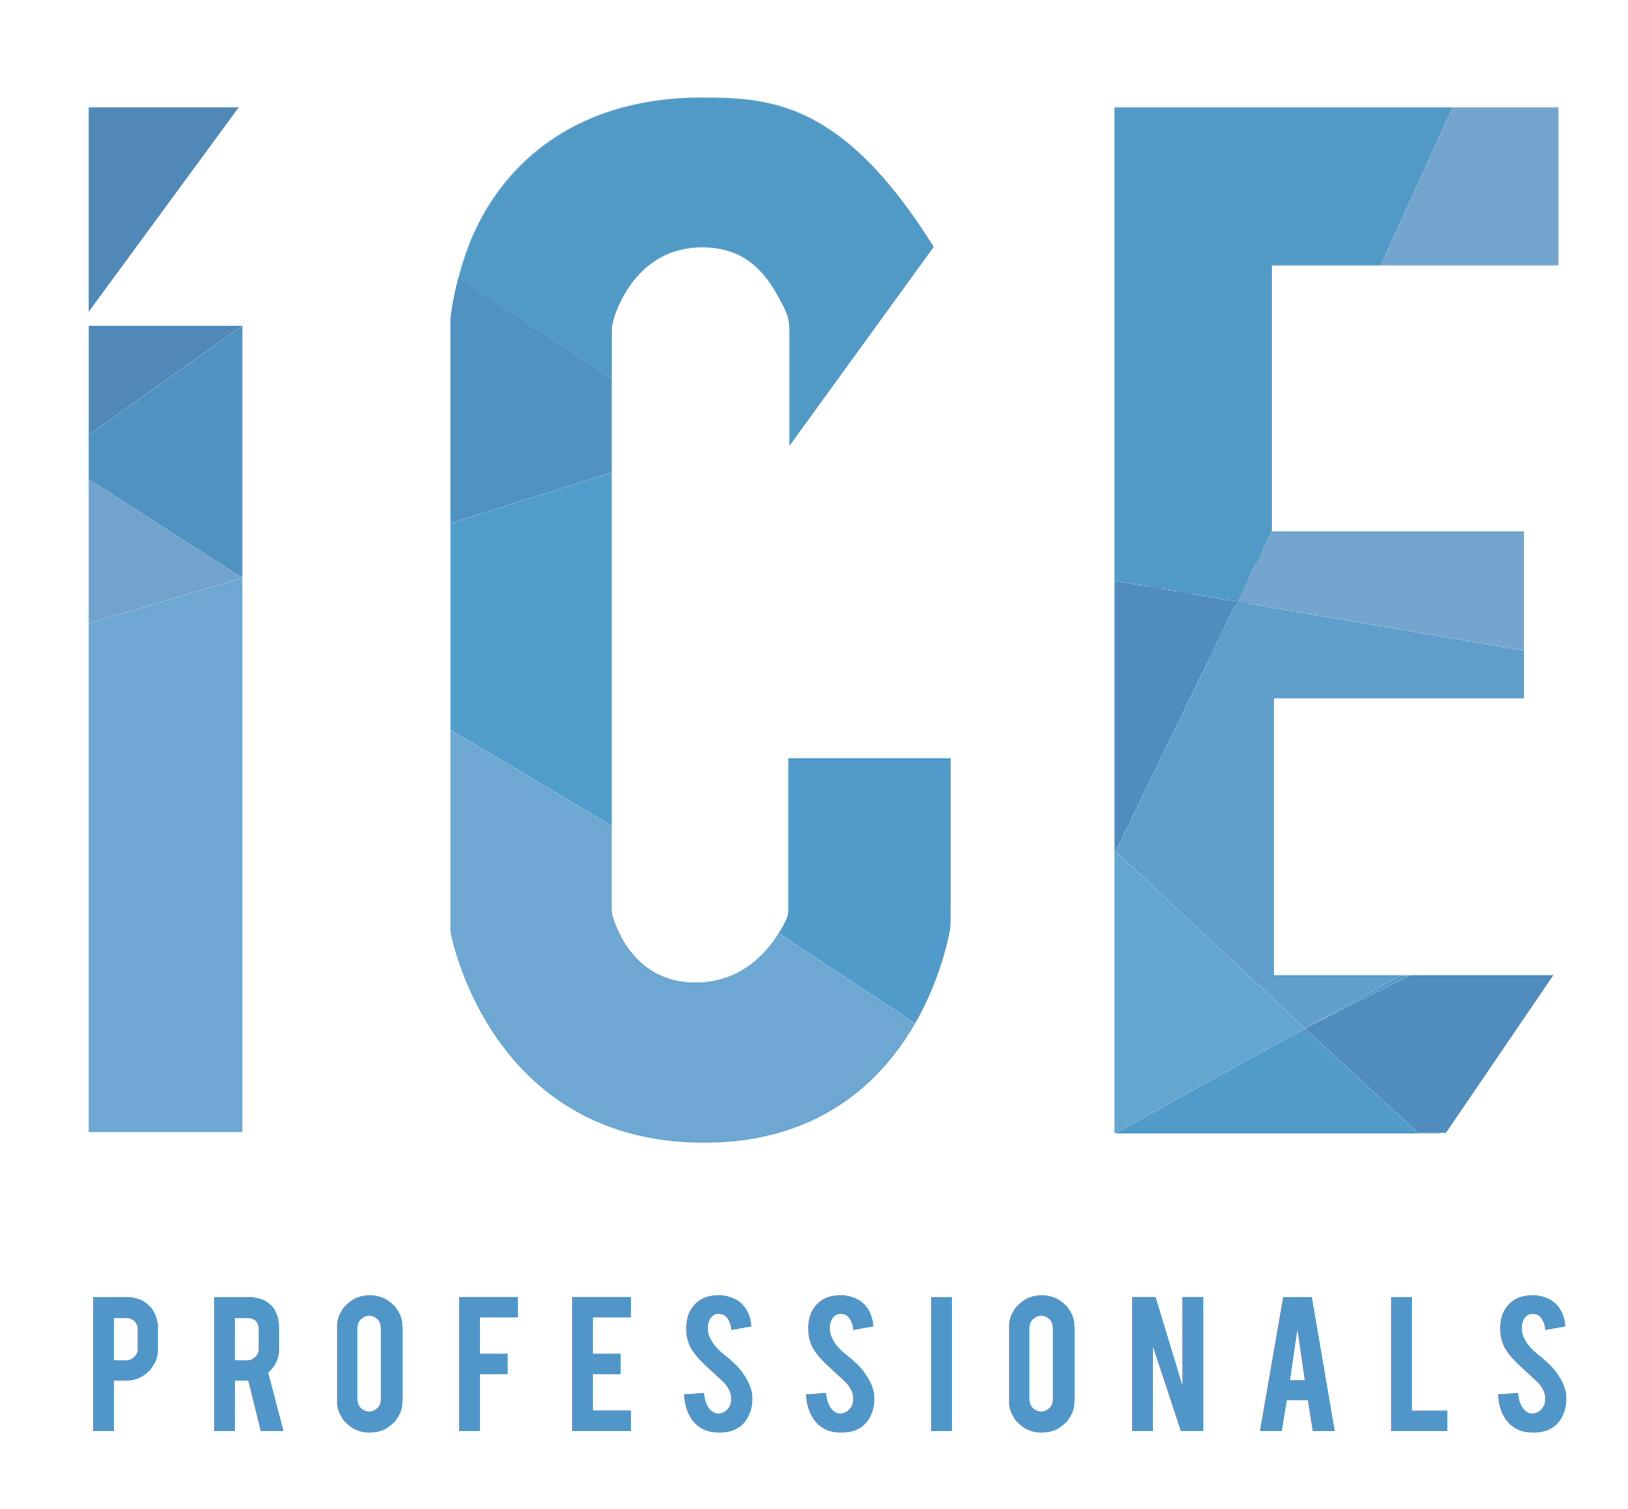 IceLogo300DPI.jpg